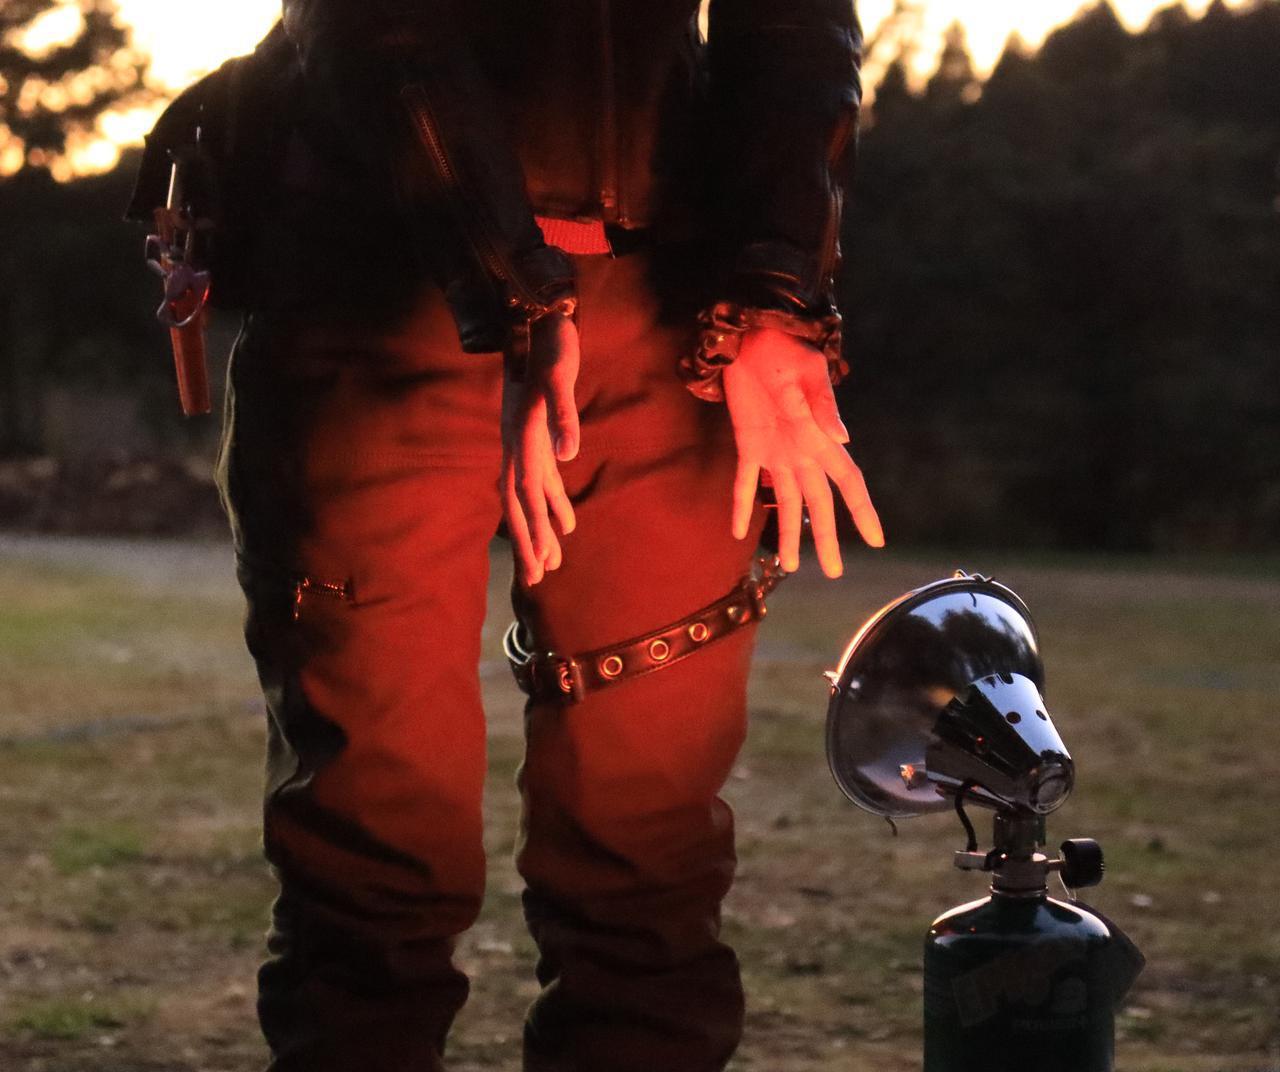 画像: キャンプツーリング テクニック&アイテム集! キャンプ好きスタッフの寒さ対策【編集部員の冬休み】 - webオートバイ